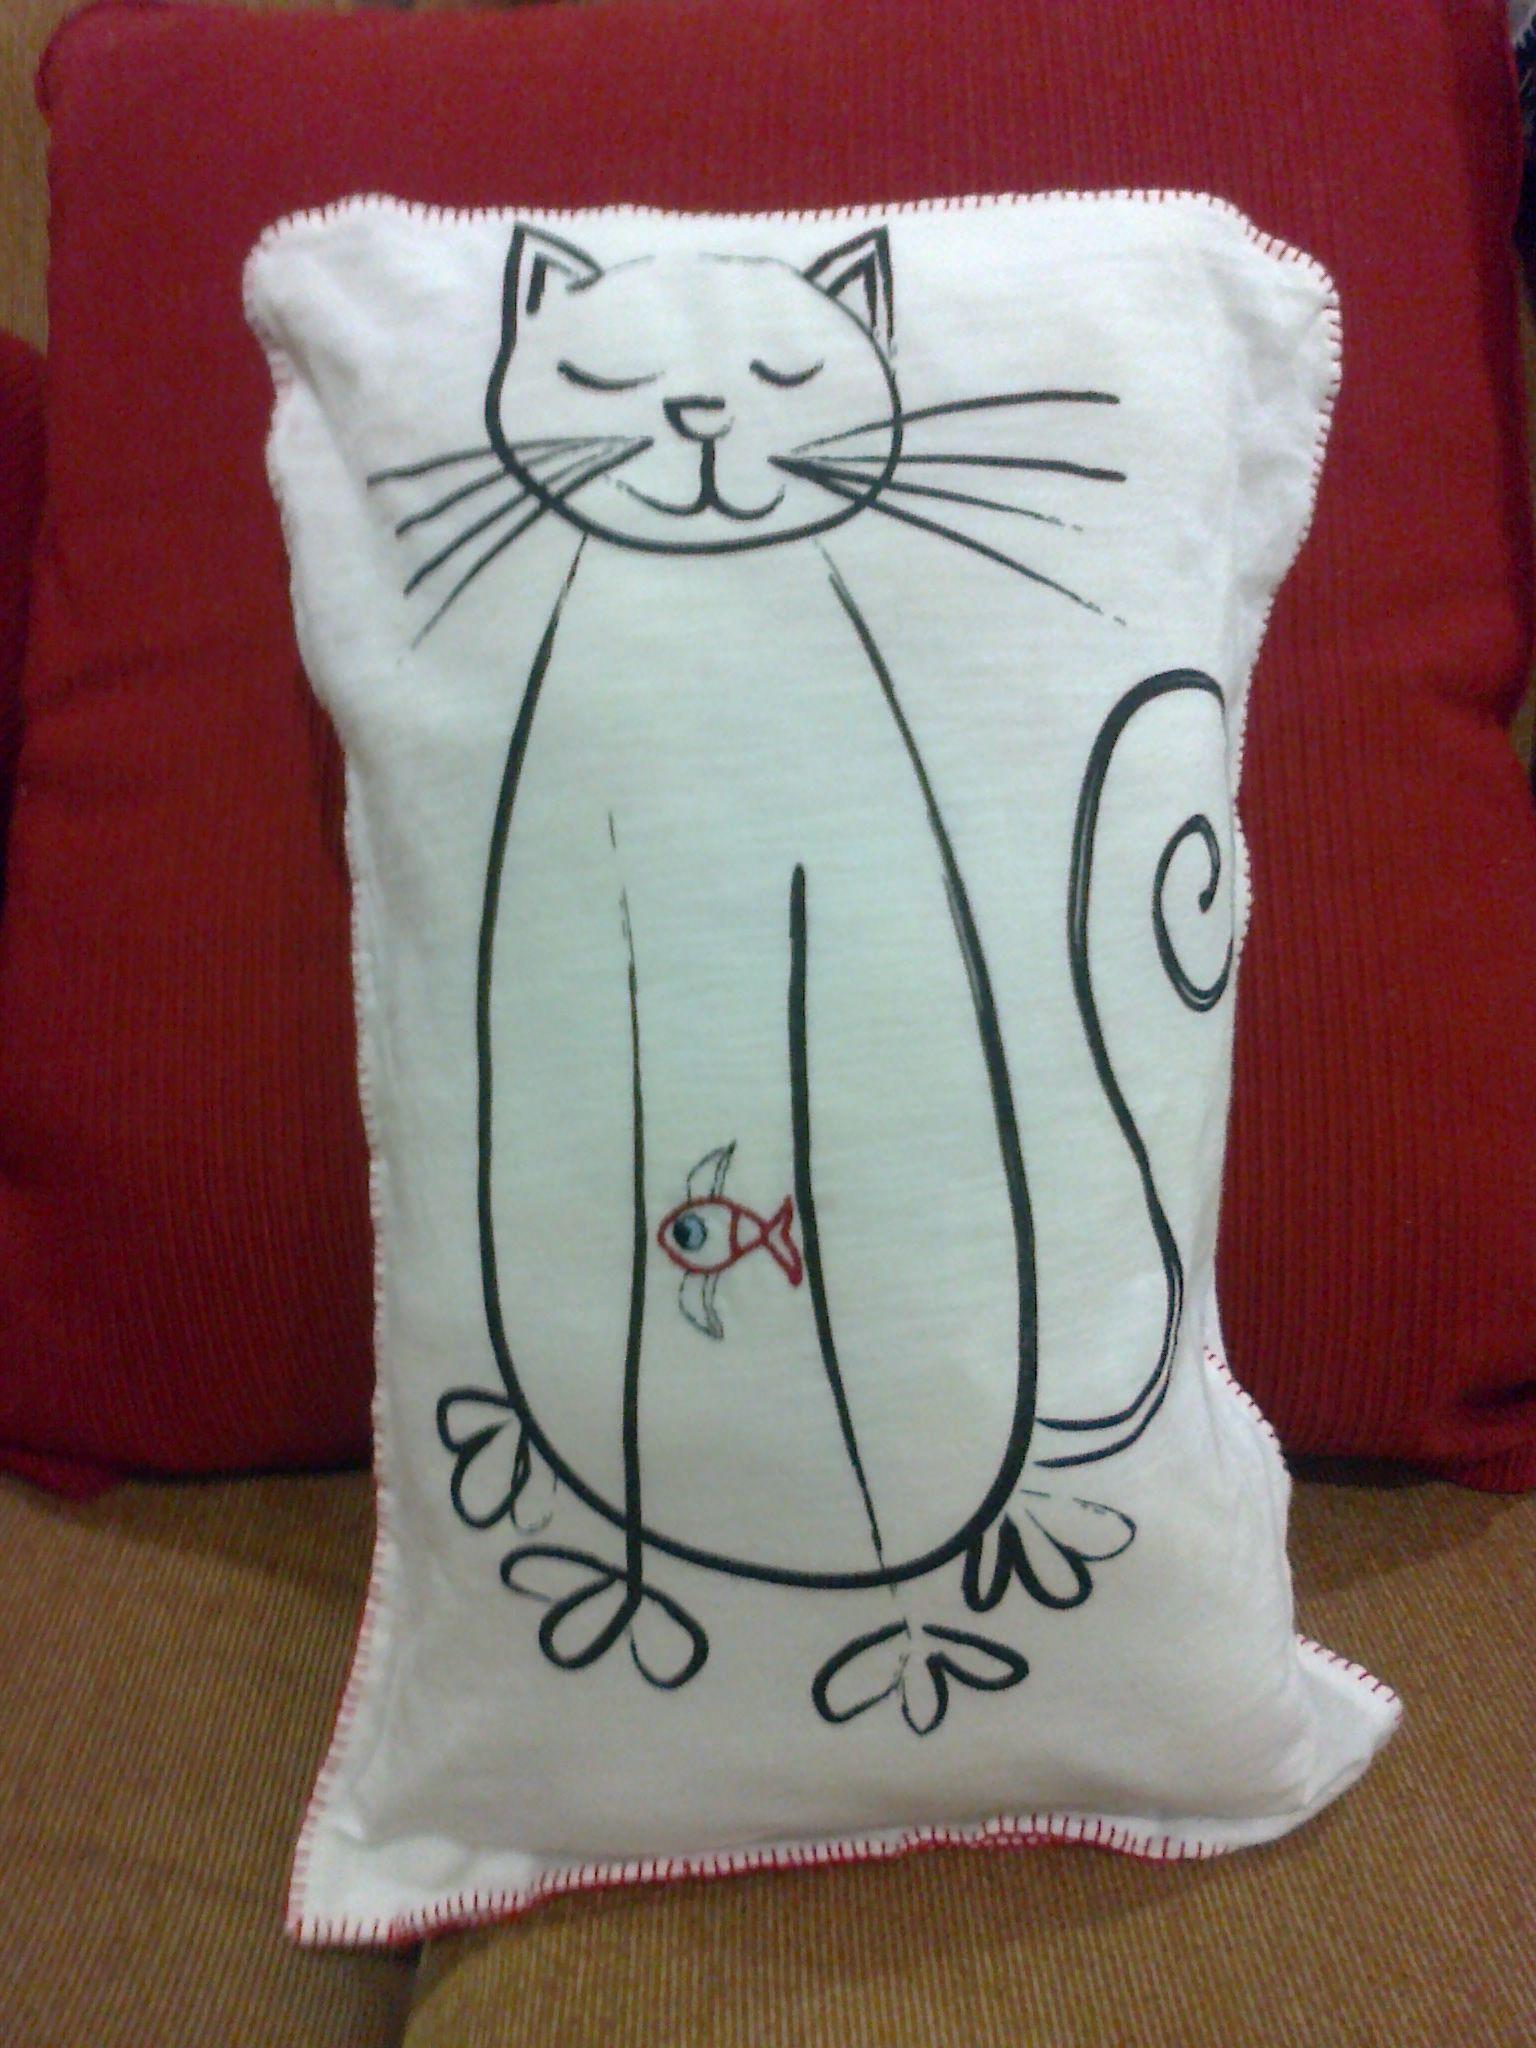 Gato, cojín: Cojín suave para alérgicos y niños, presenta un gato ...